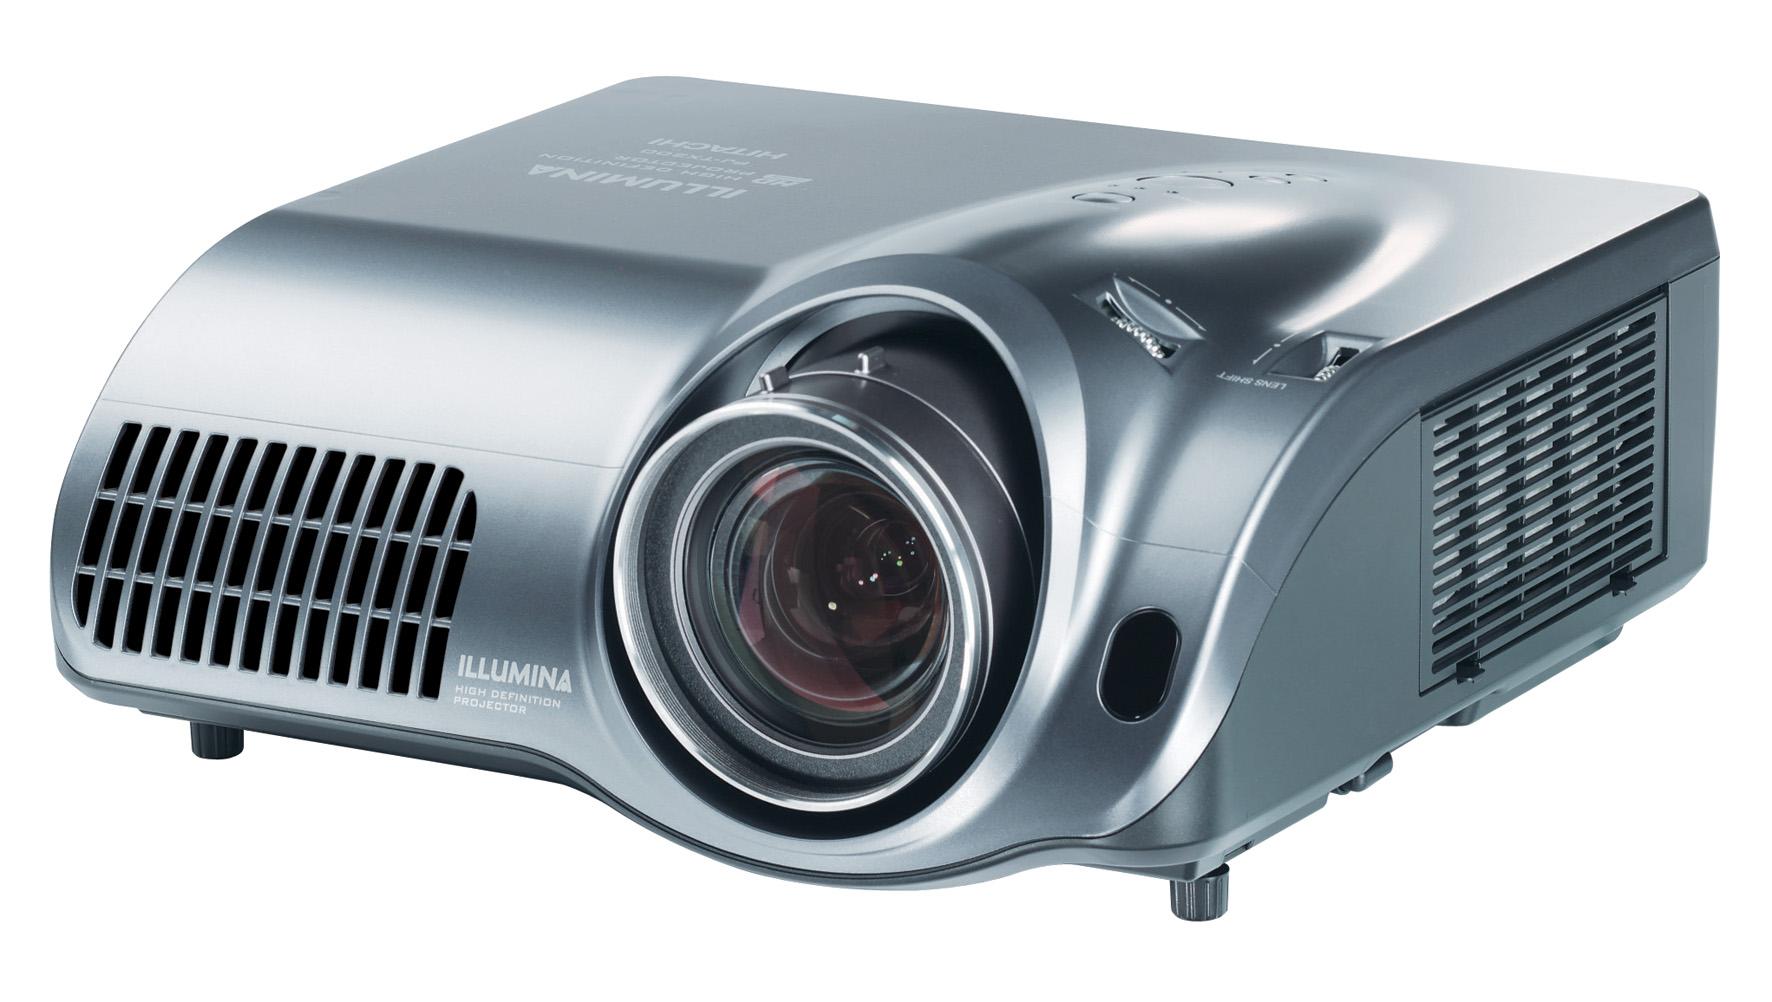 Hitachi Projektoren Pj Tx200 W Hdtv Lcd Beamer Cp X4041wn Wifi Projector Projektor